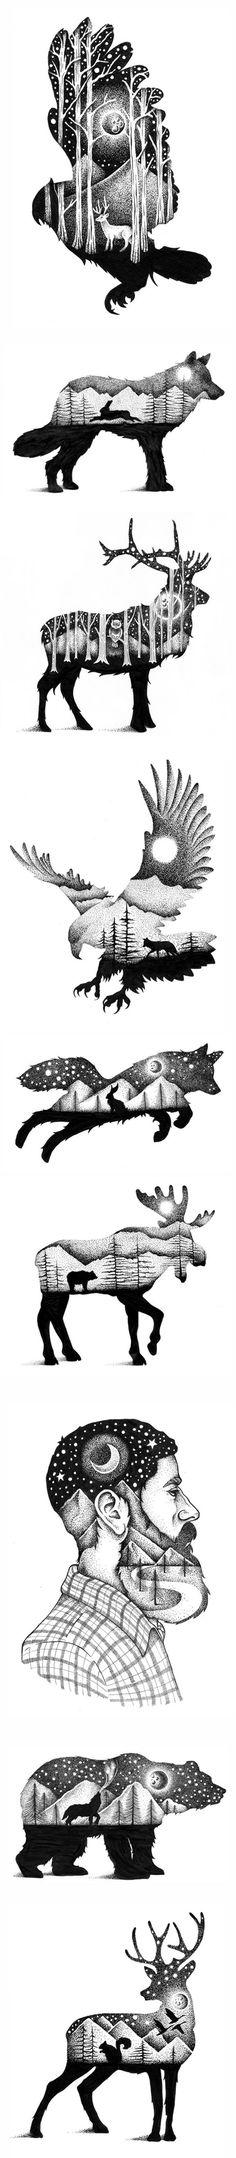 Mistura entre a silhueta do animal e a paisagem que o rodeia